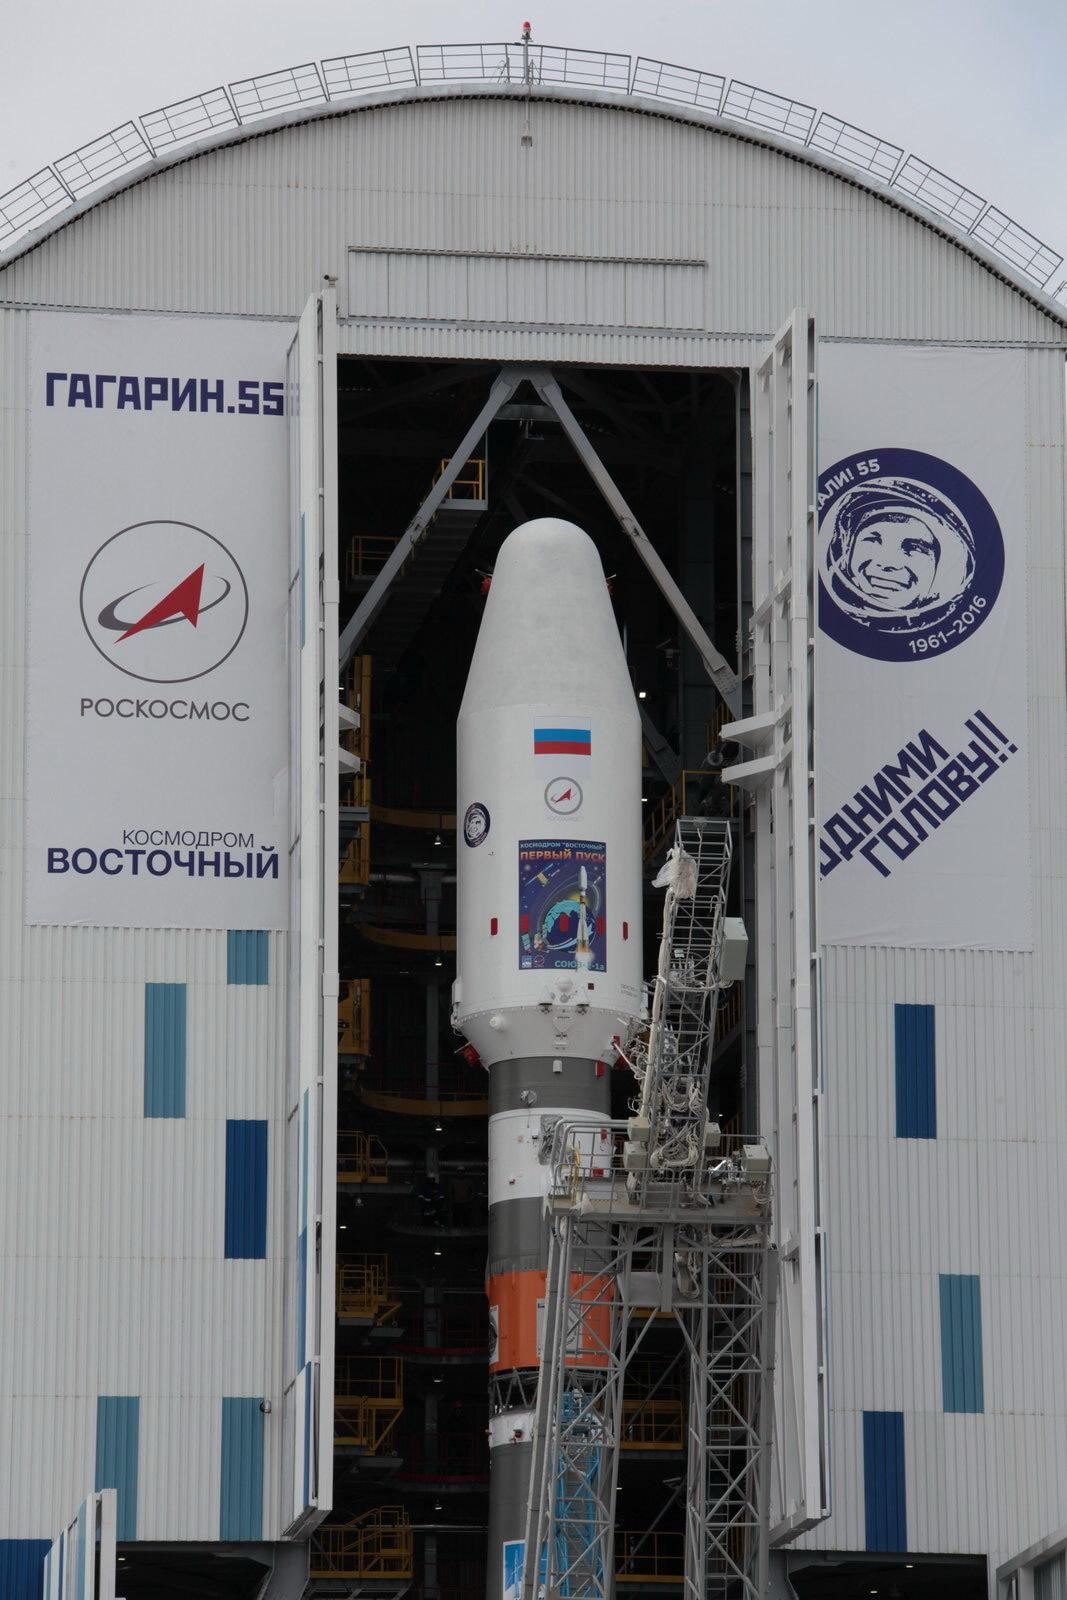 На космодроме Восточный установили ракету-носитель «Союз 2.1а» для первого запуска - 18